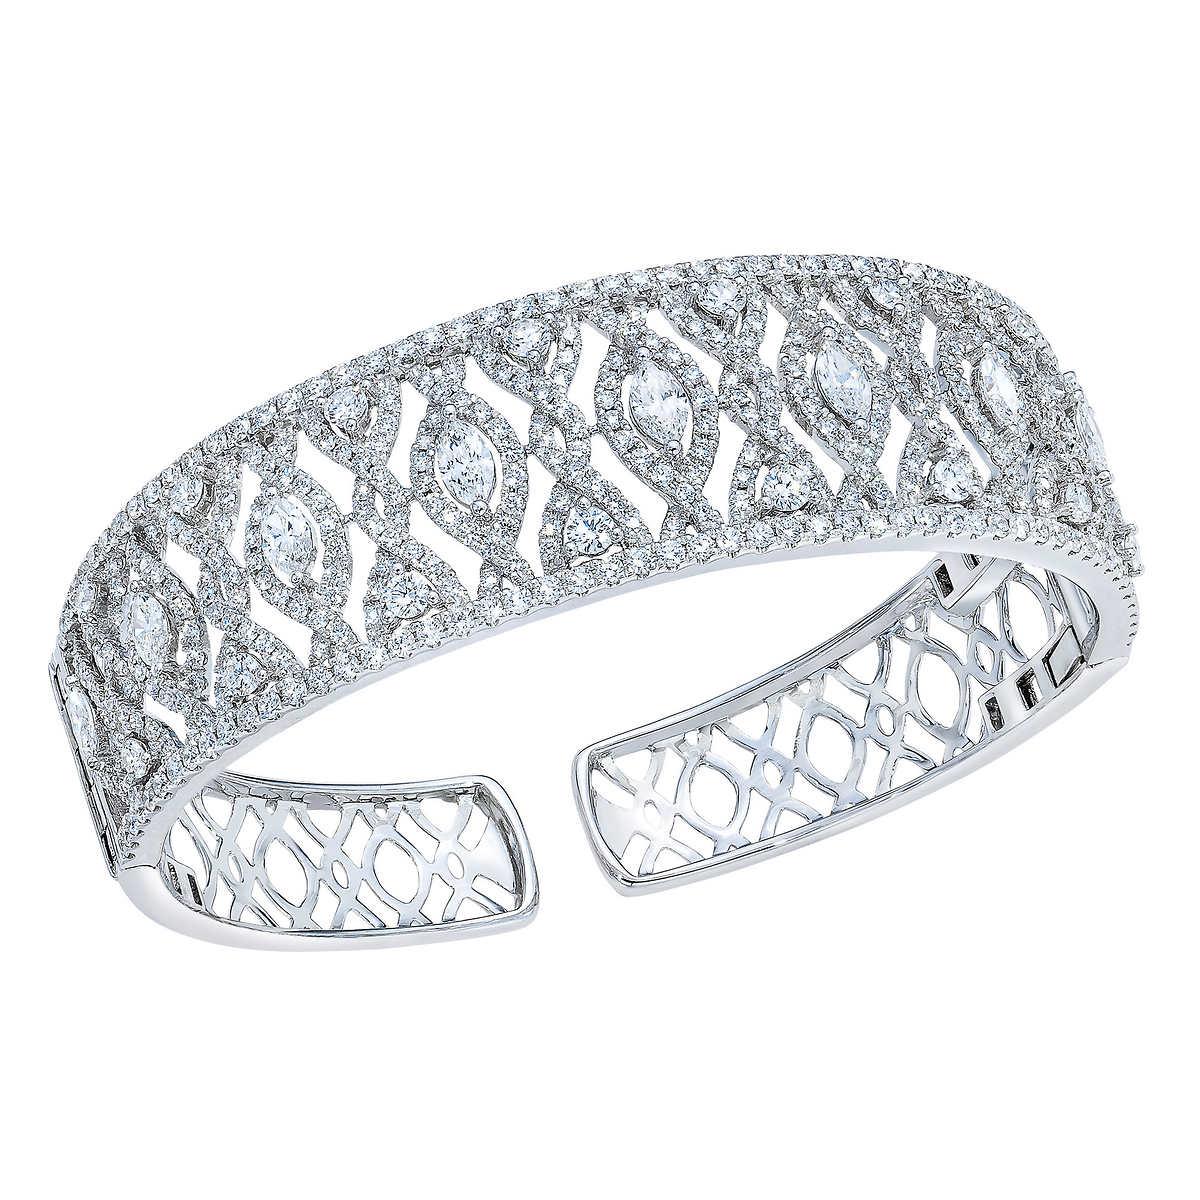 995e62d6b ... Round Brilliant 6.65 ctw VS2 Clarity, I Color Diamond 18kt White Gold  Cuff. 1 1